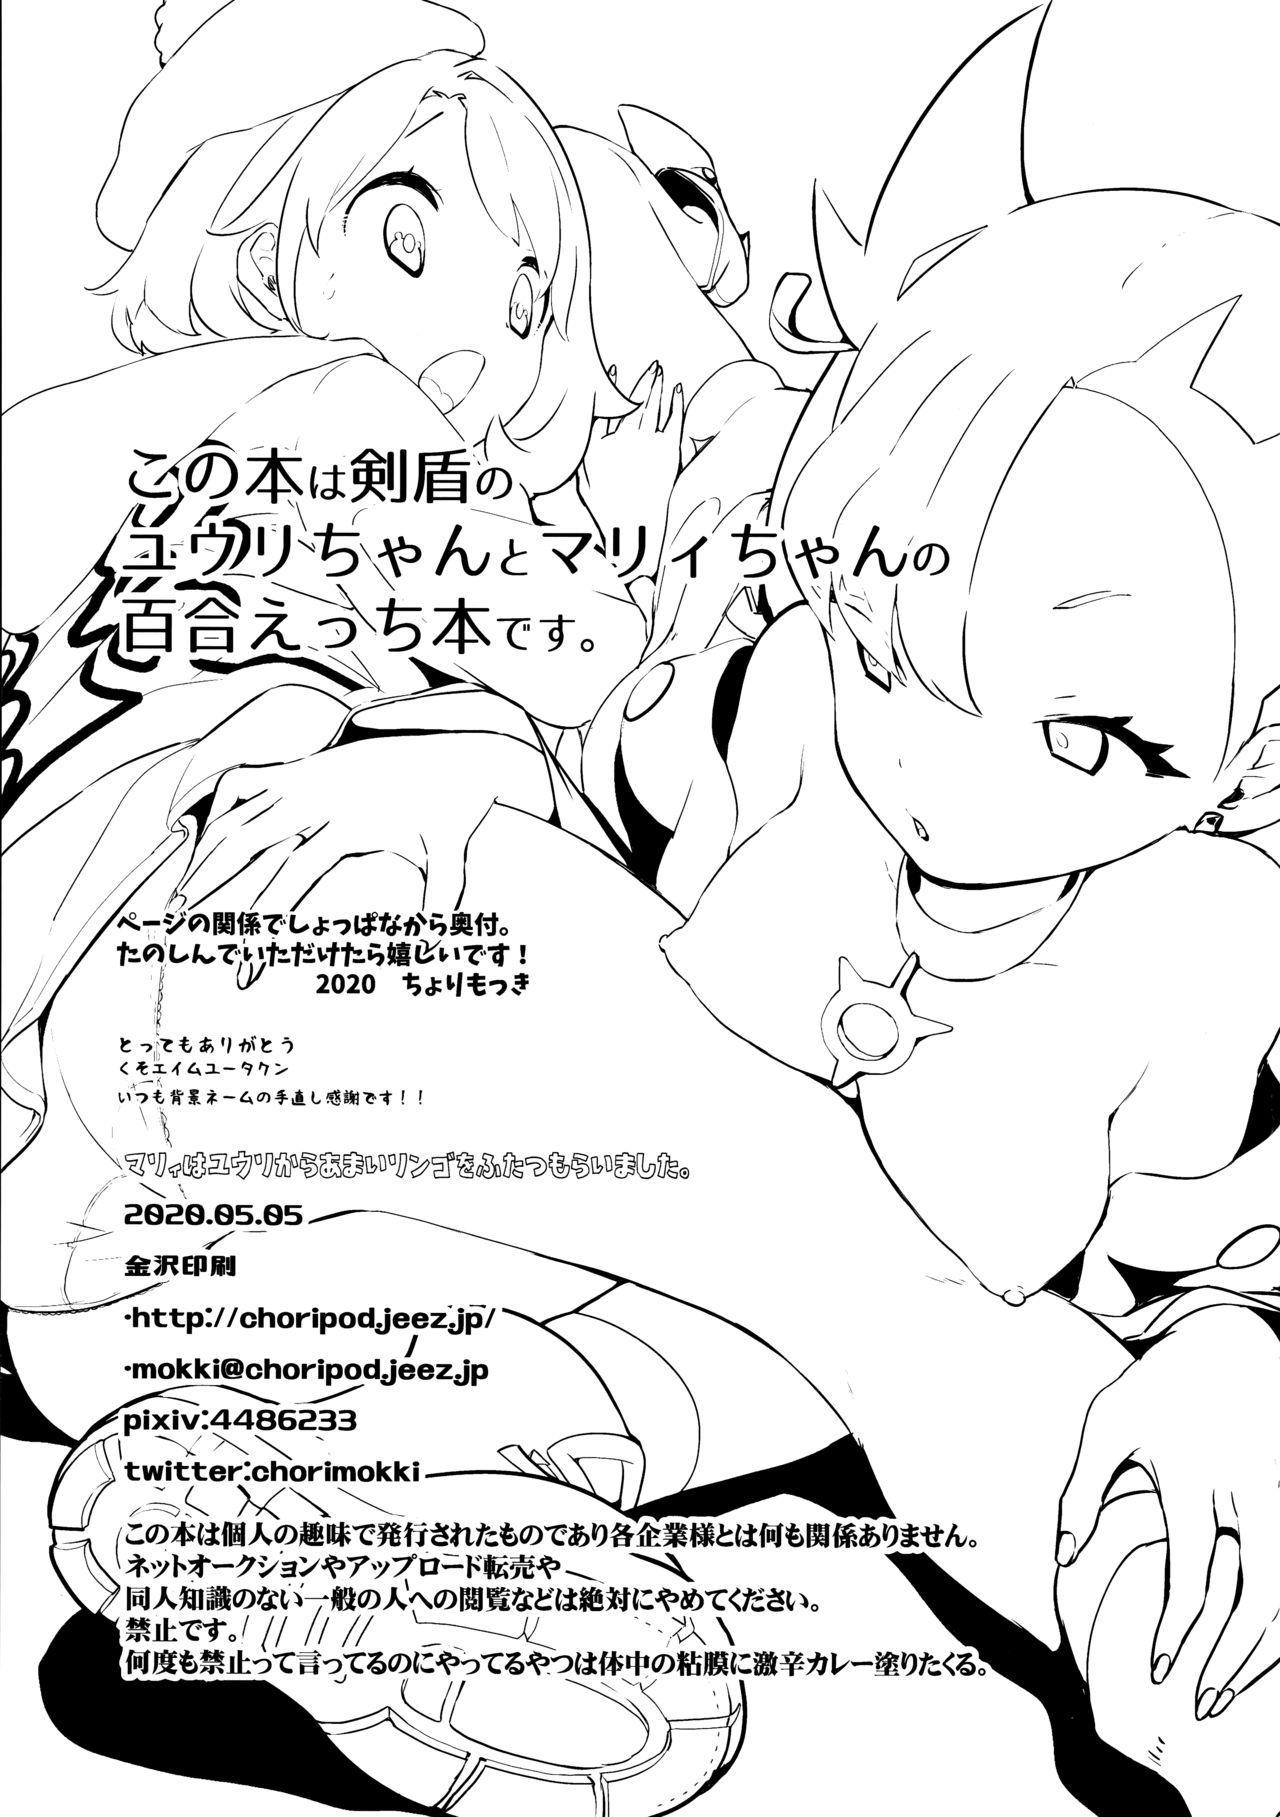 Marnie wa Yuuri kara Amai Ringo o Futatsu Moraimashita. 1